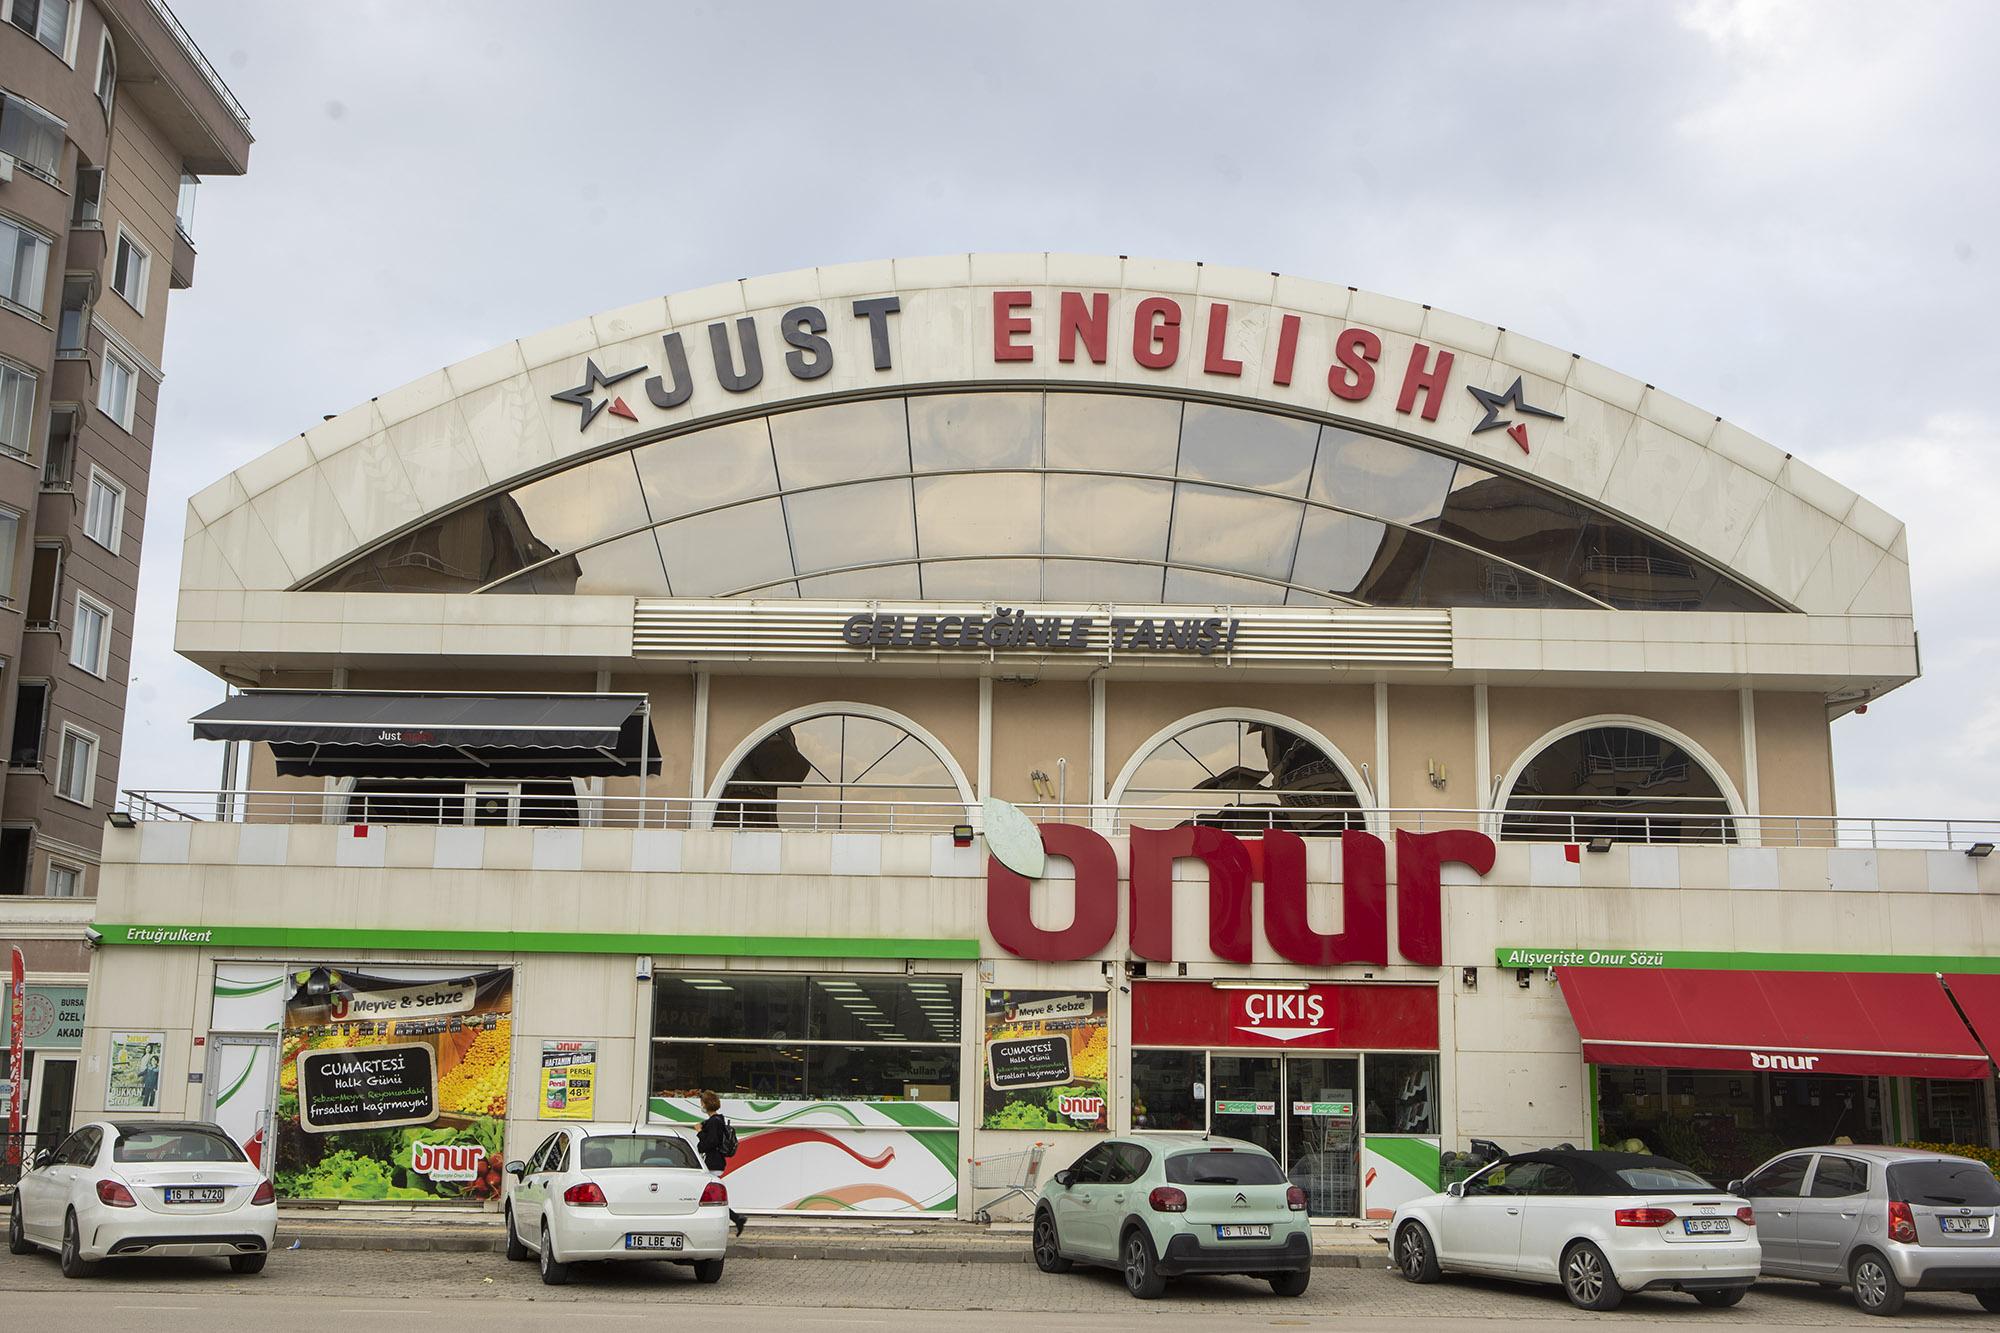 Just English Dil Okulları  Bursa/Özlüce Şubesi